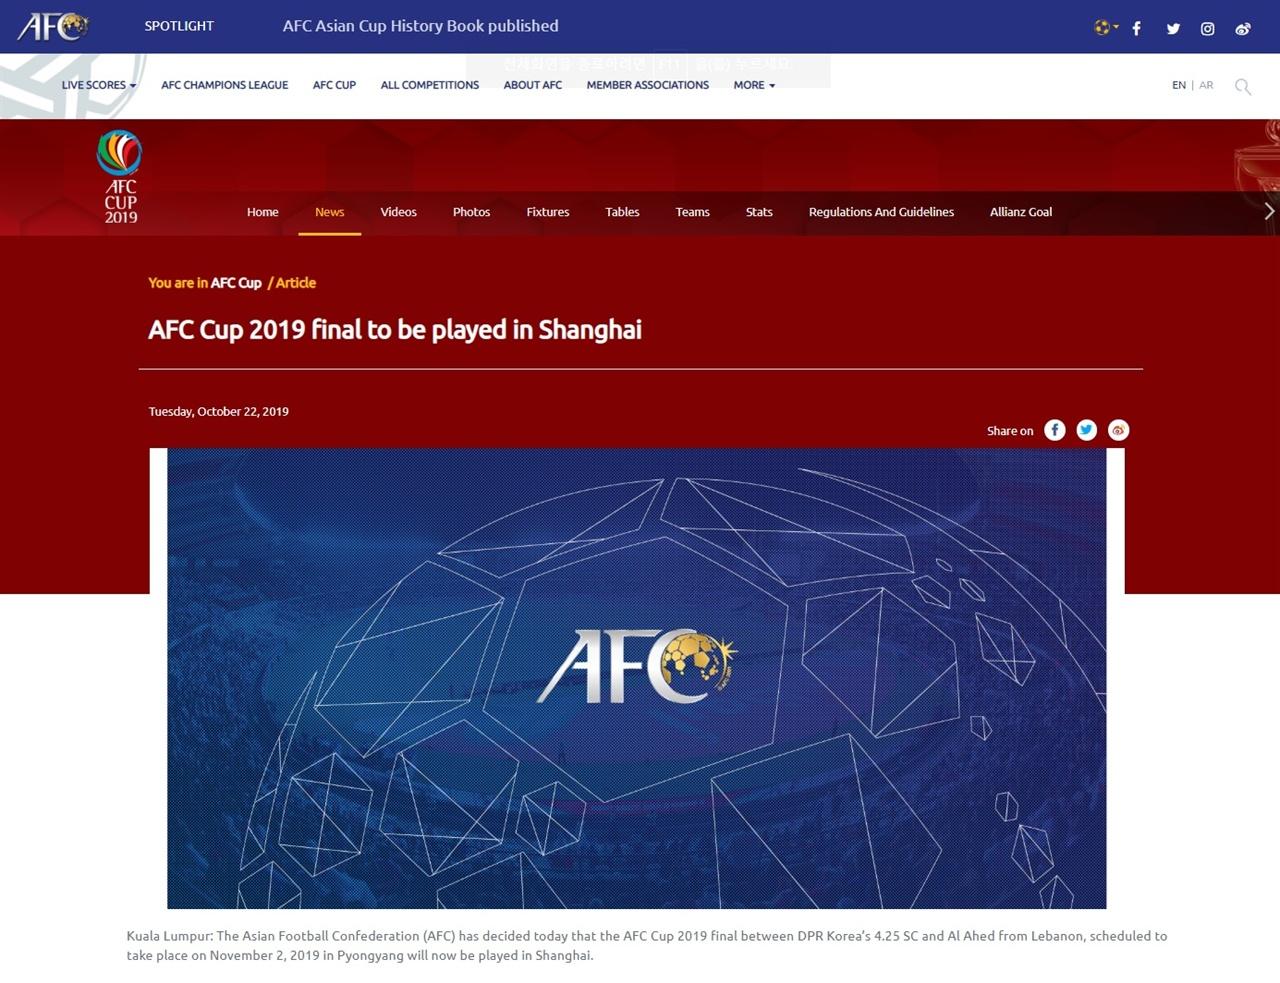 2019 아시아축구연맹(AFC) 클럽대항전 결승전 개최지 변경을 발표하는 AFP 공식 홈페이지 갈무리.